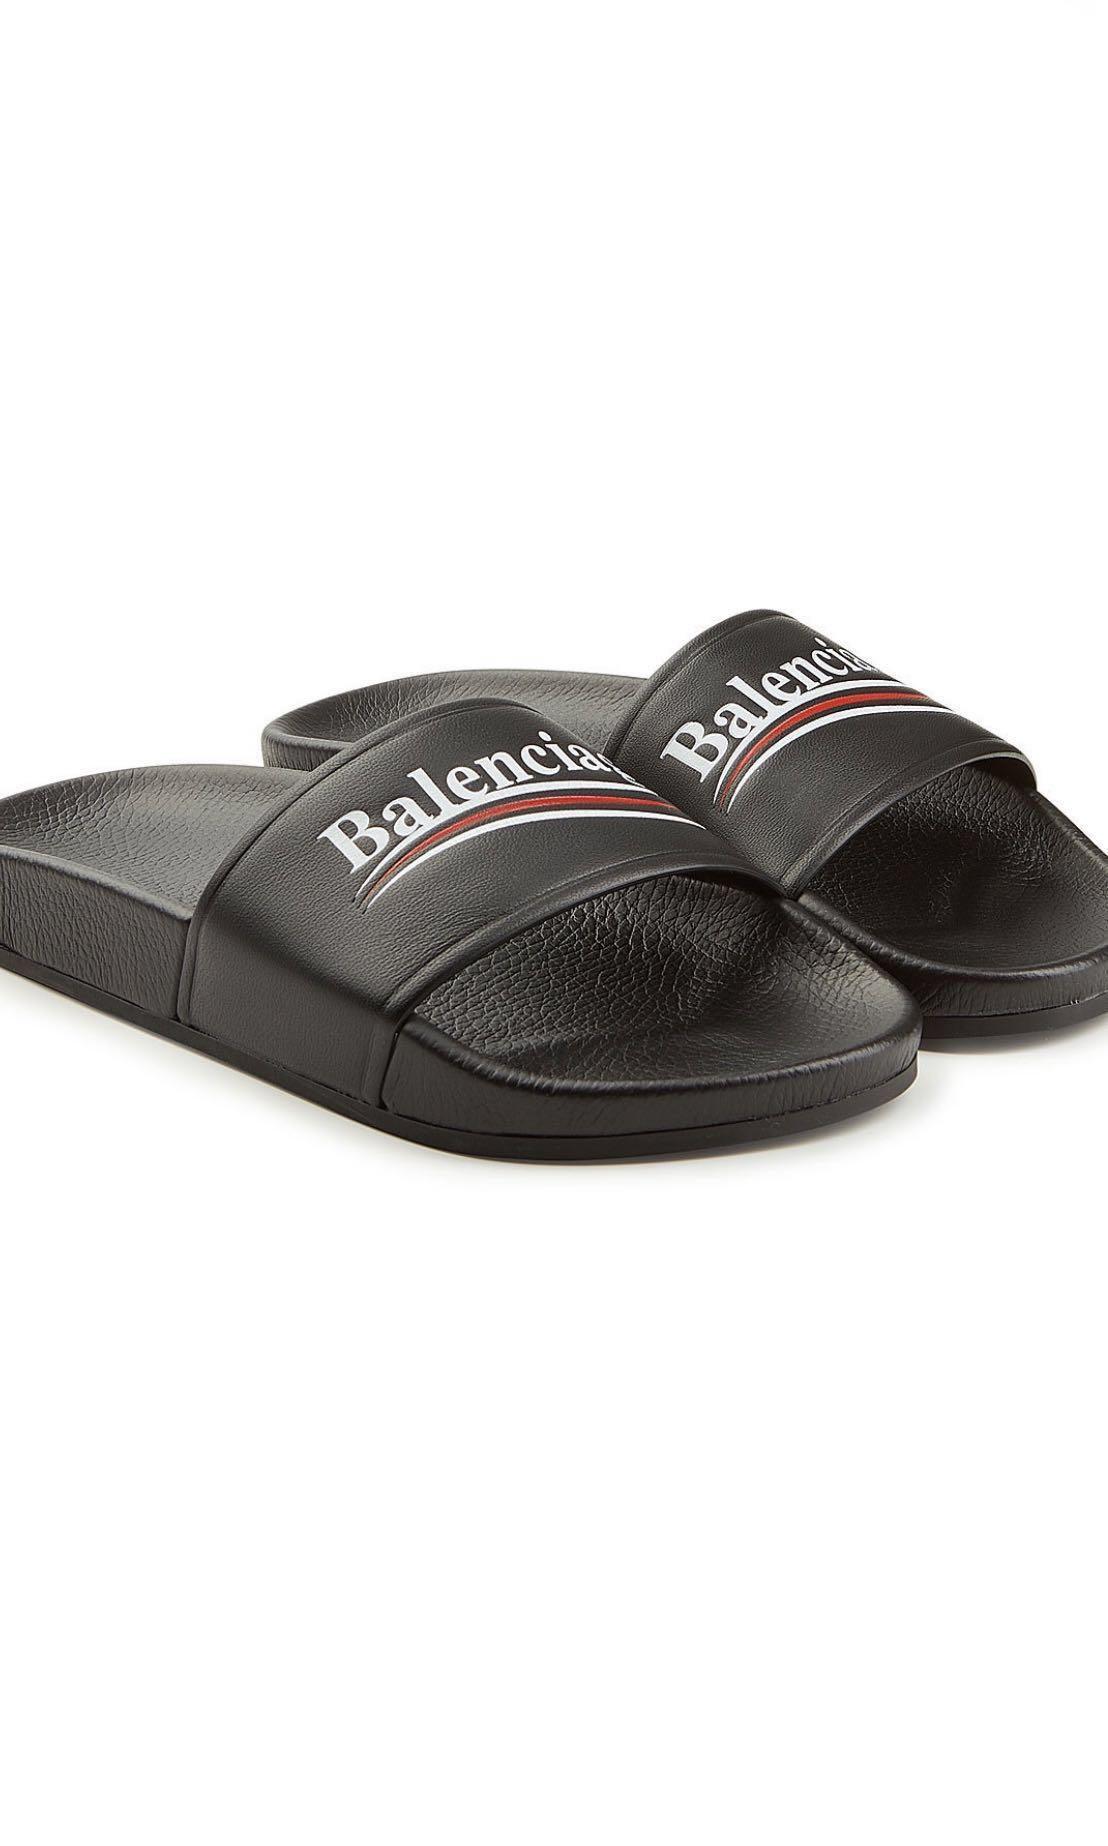 a84a5d1ad8daa Balenciaga slides 100% authentic